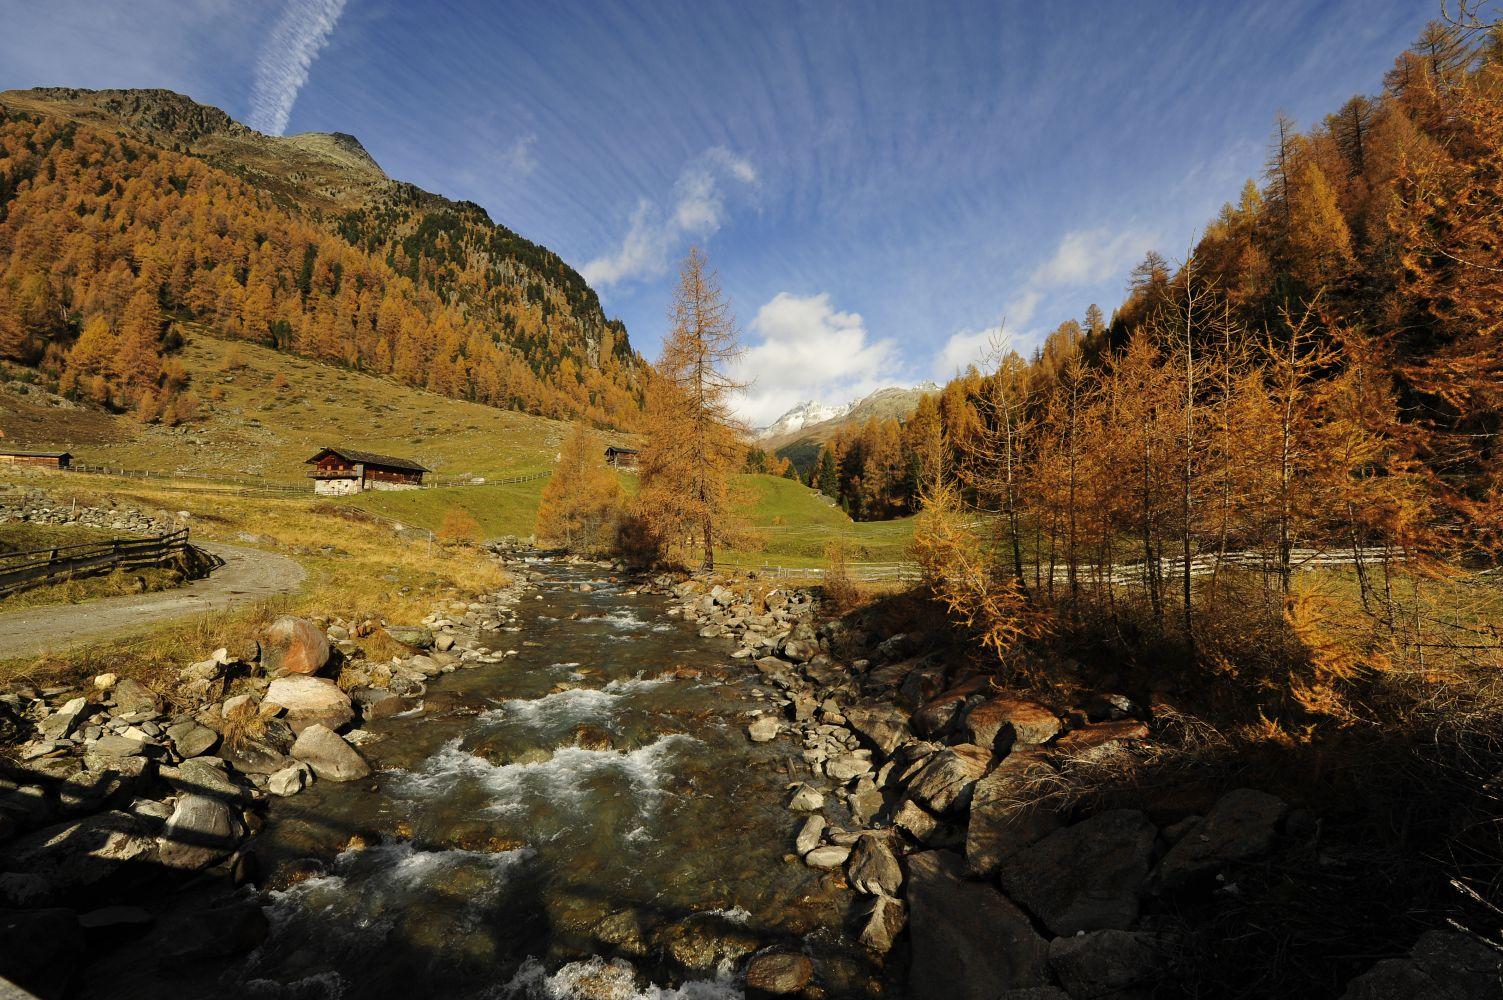 Der goldene Herbst zeigt sich am schönsten in der unberührten Natur